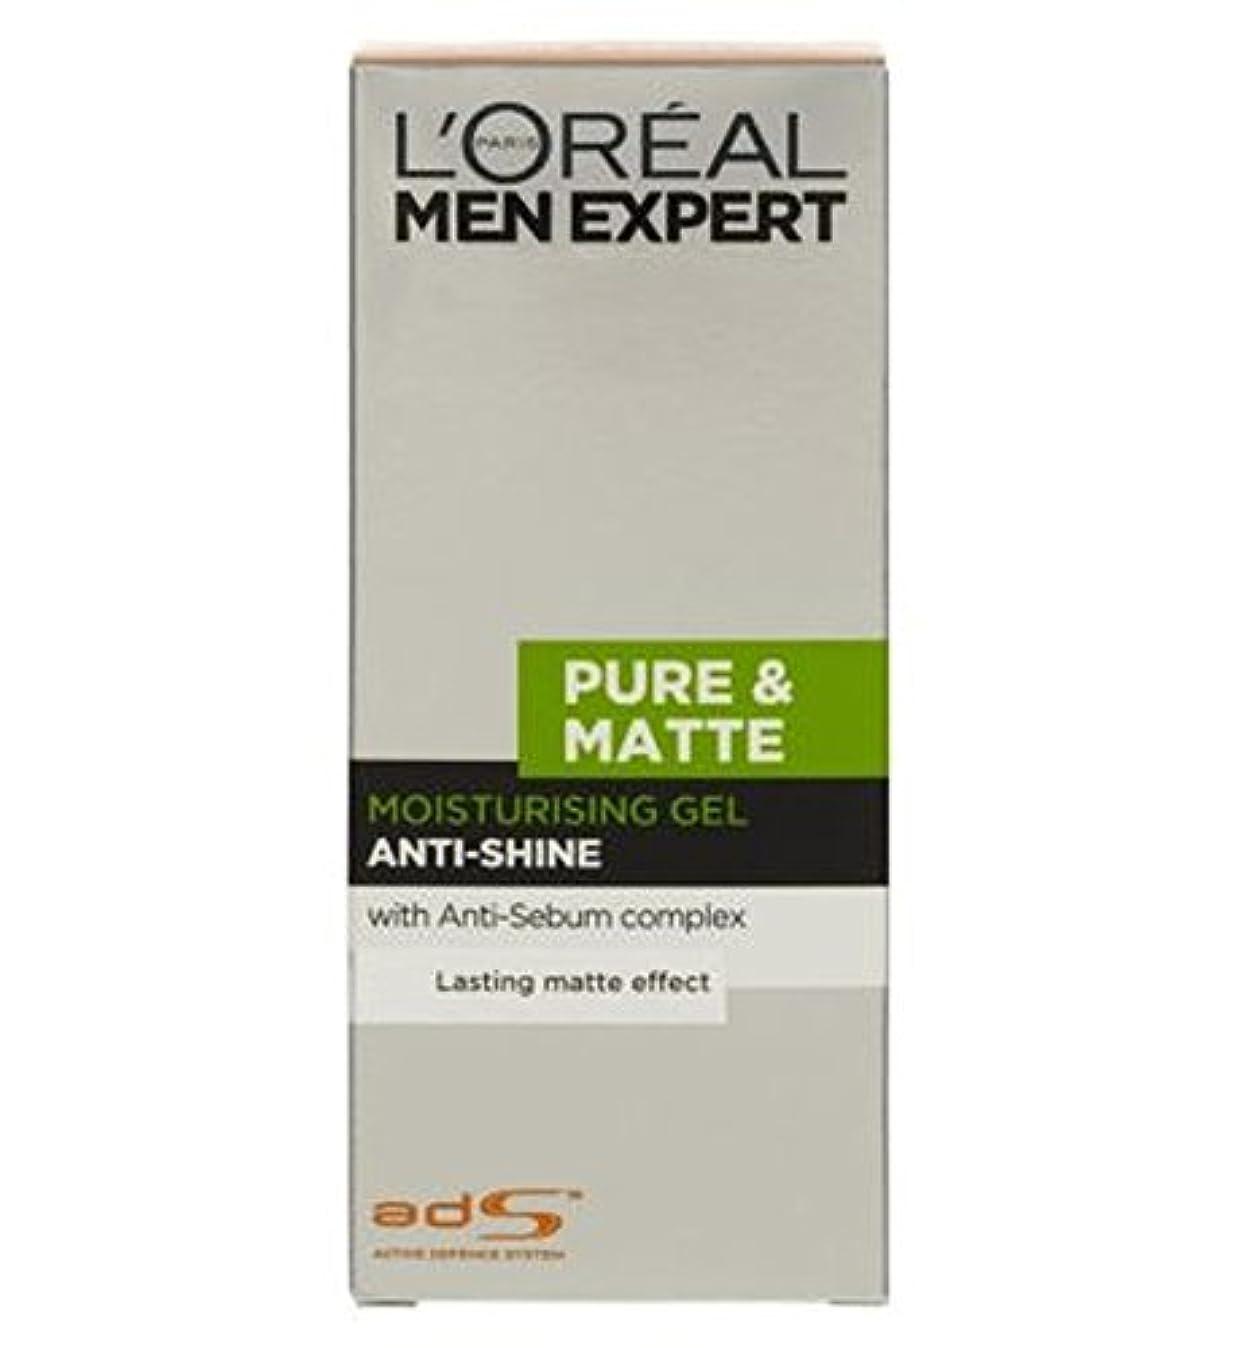 夢中クーポン校長ロレアルの男性の専門家純粋&マット抗輝き保湿ゲル50ミリリットル (L'Oreal) (x2) - L'Oreal Men Expert Pure & Matte Anti-Shine Moisturising Gel...